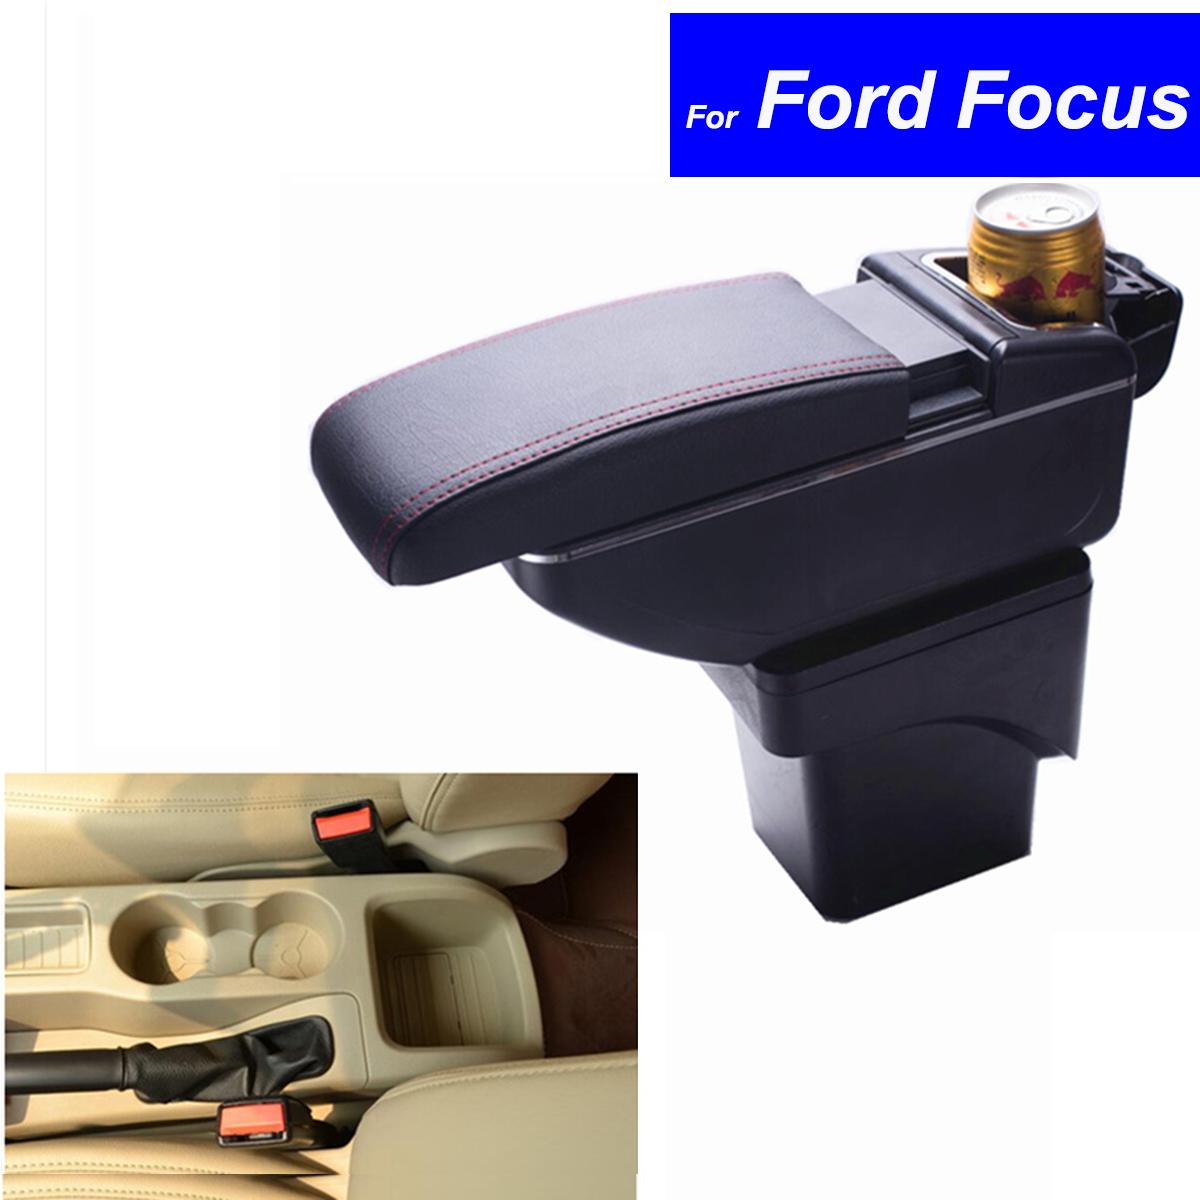 popular armrest ford focus buy cheap armrest ford focus. Black Bedroom Furniture Sets. Home Design Ideas